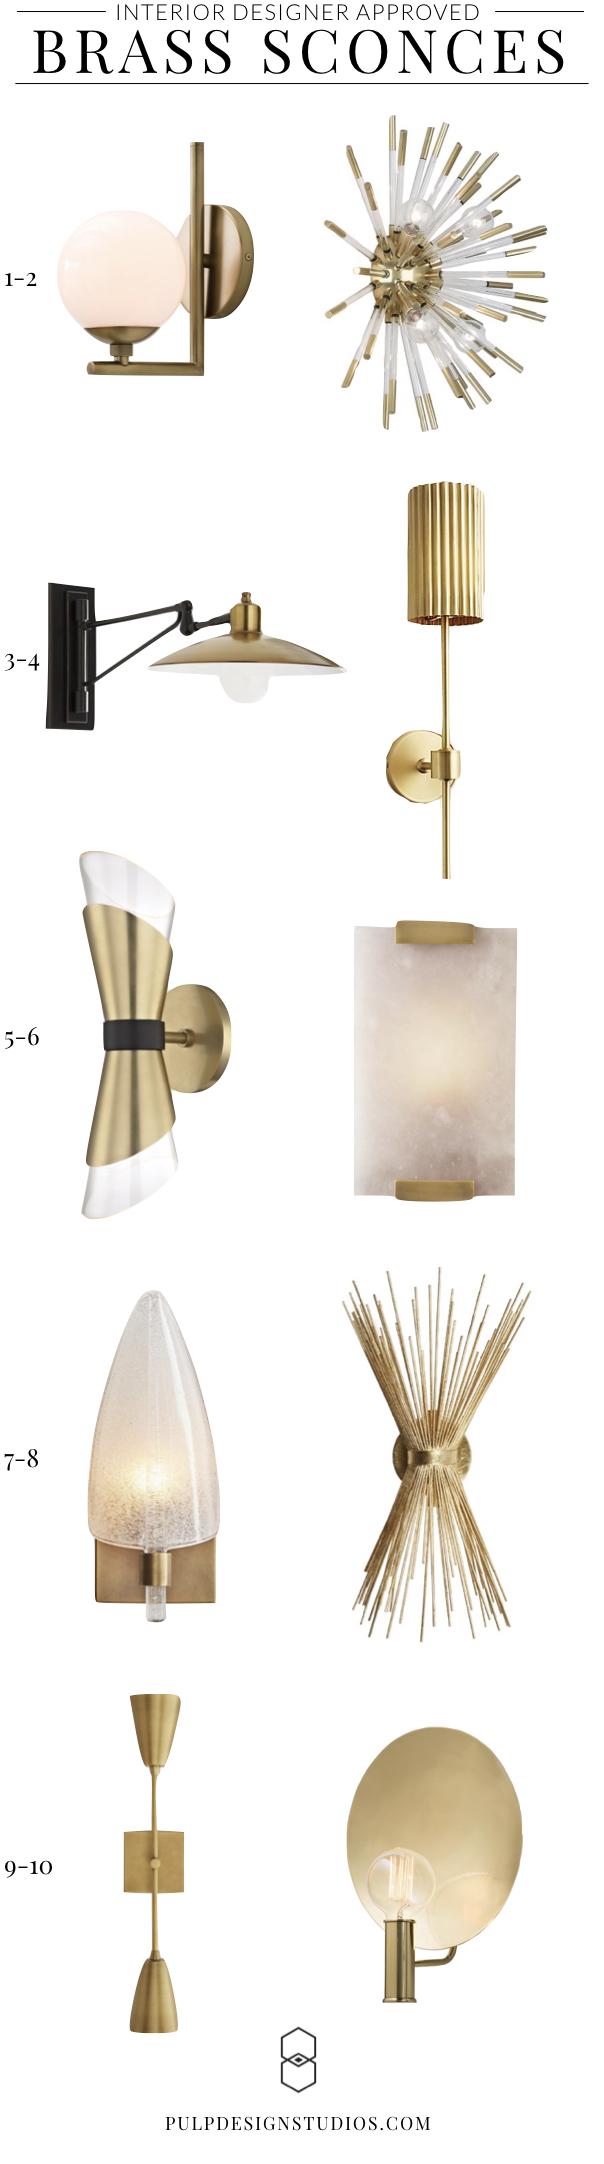 Interior Designer - Modern Brass Sconces - Pulp